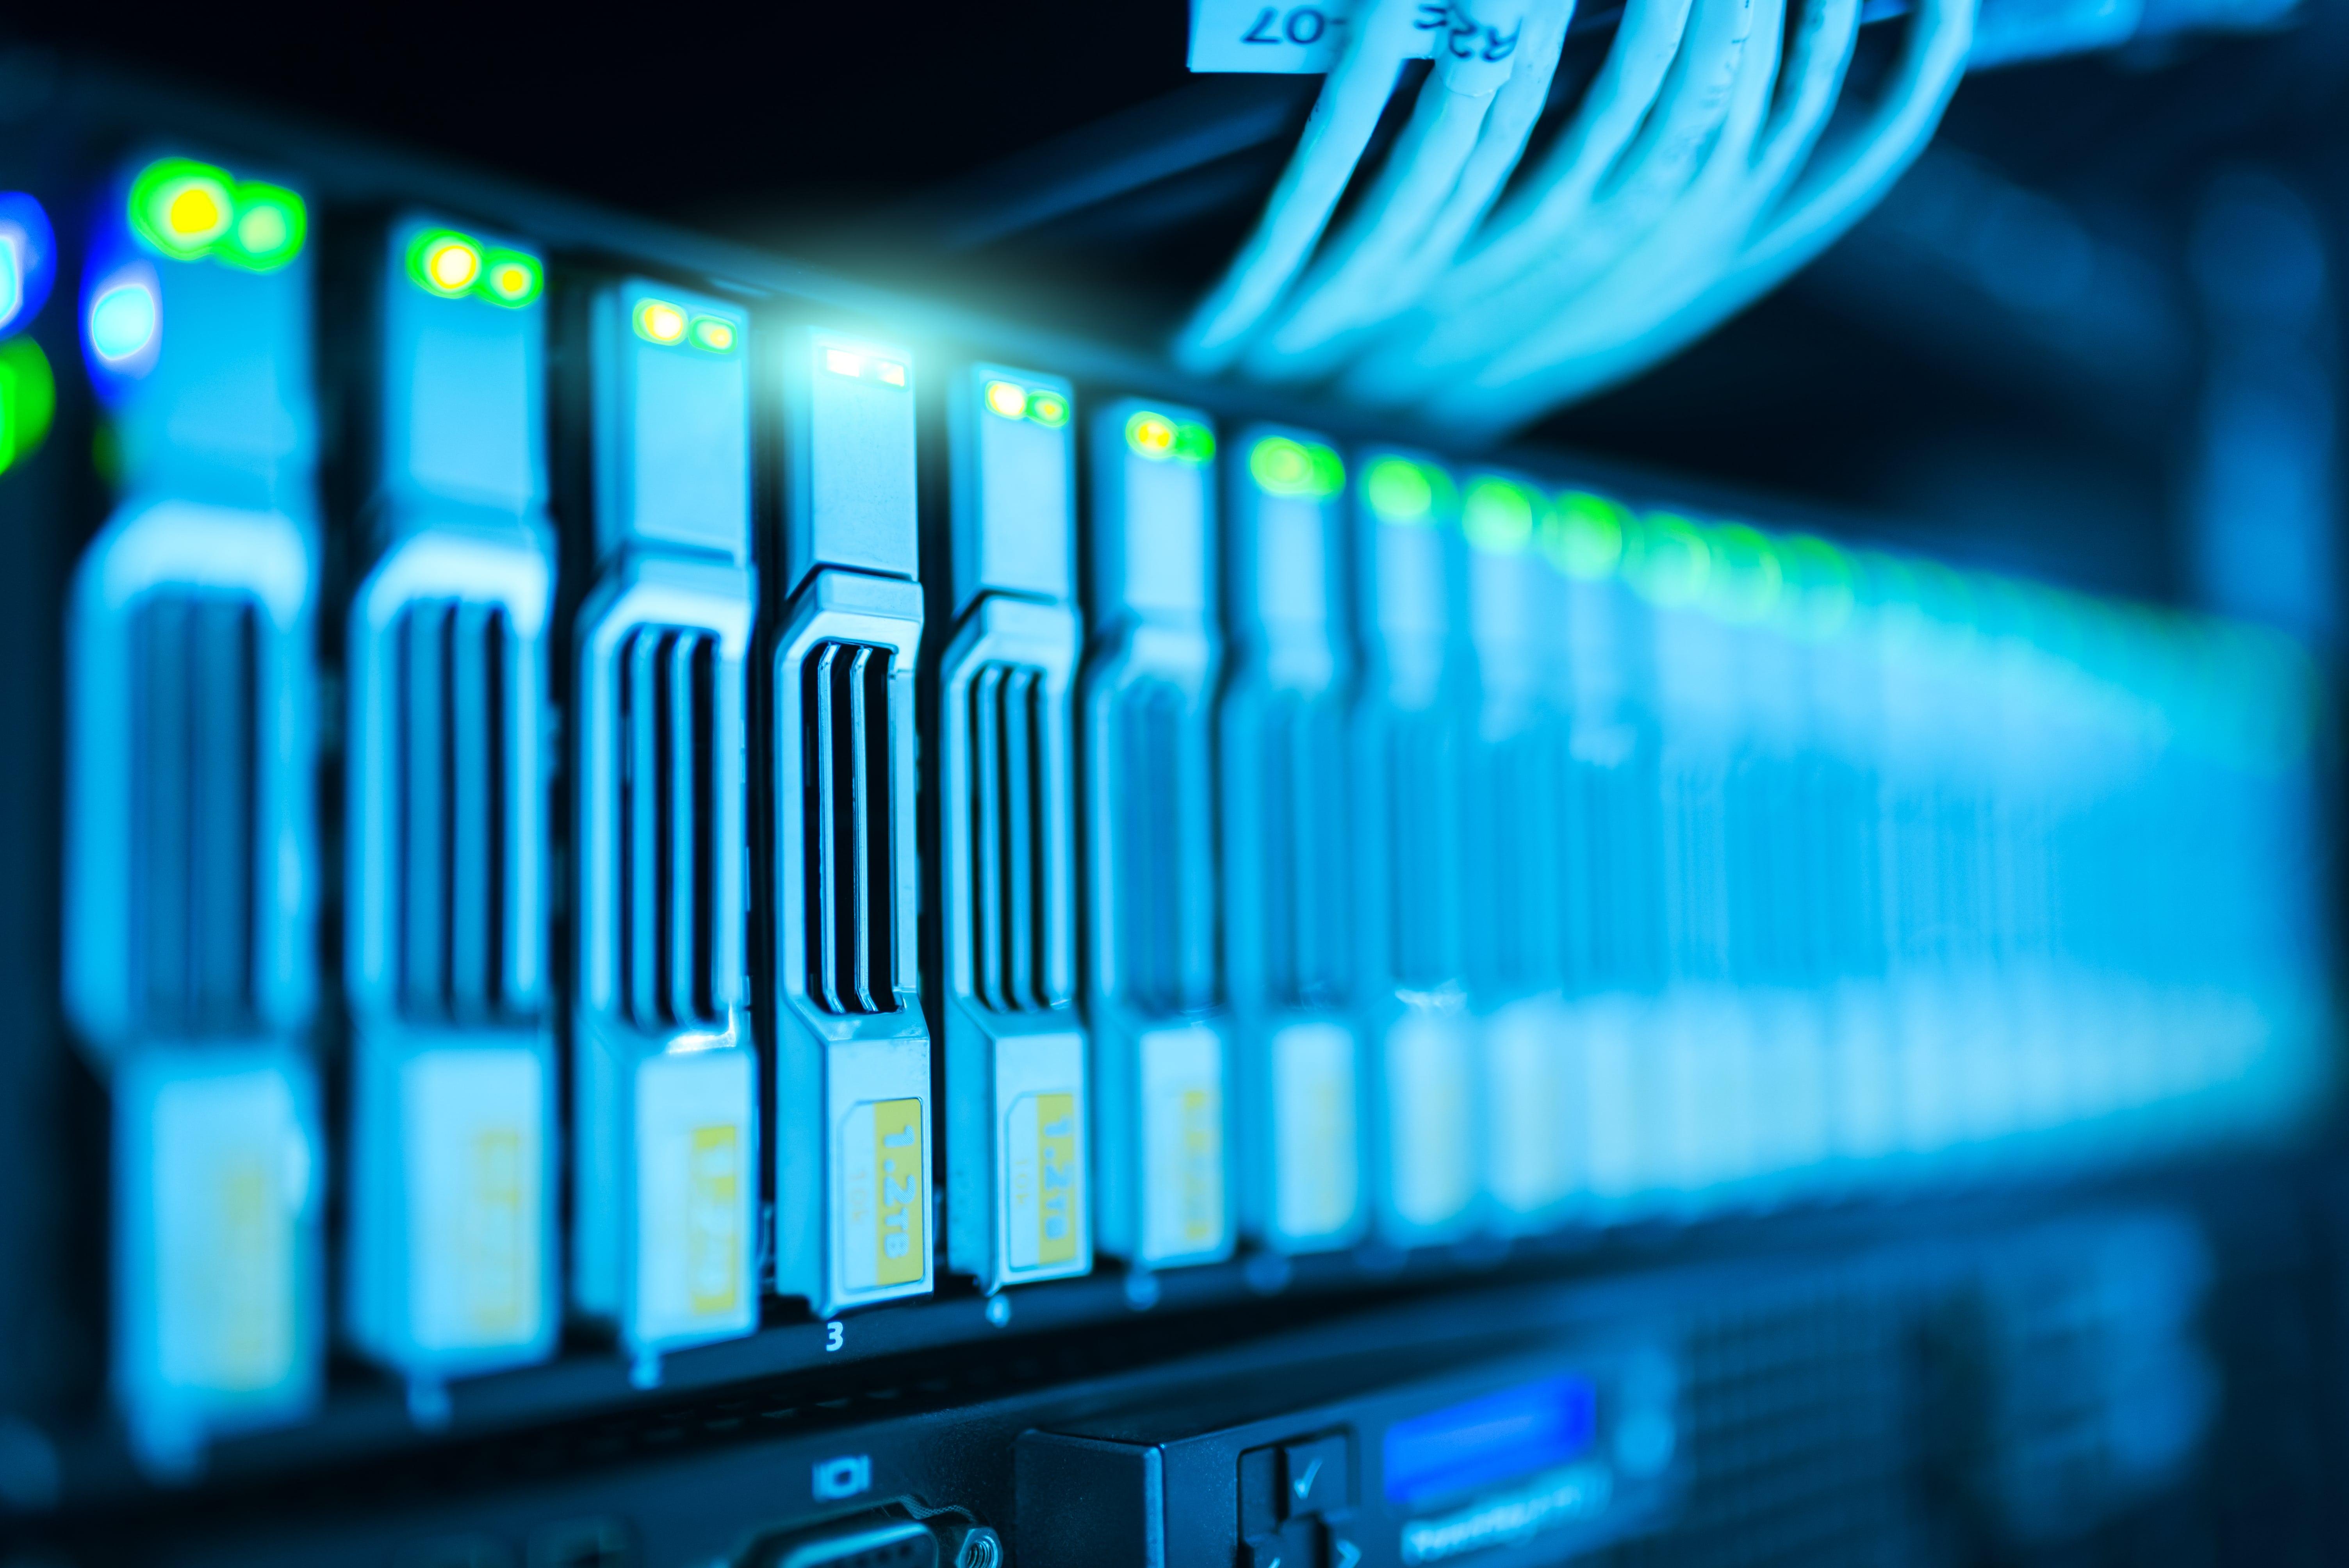 Benefícios dos serviços de TI gerenciados: um guia rápido